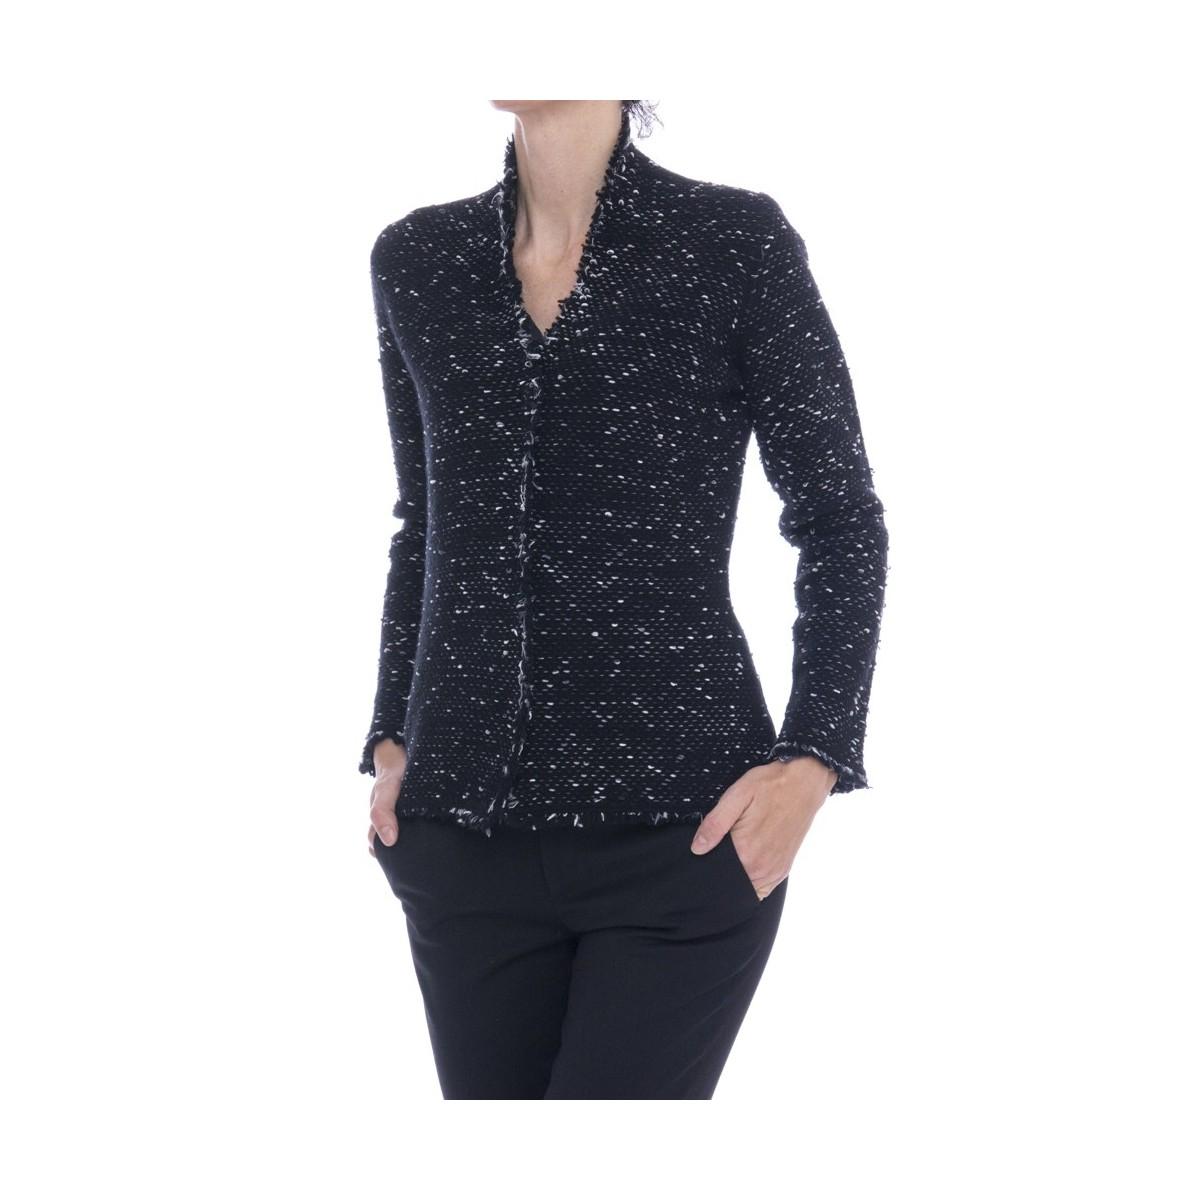 Giacca donna Kangra - 2716/04 giacca 3 bottoni